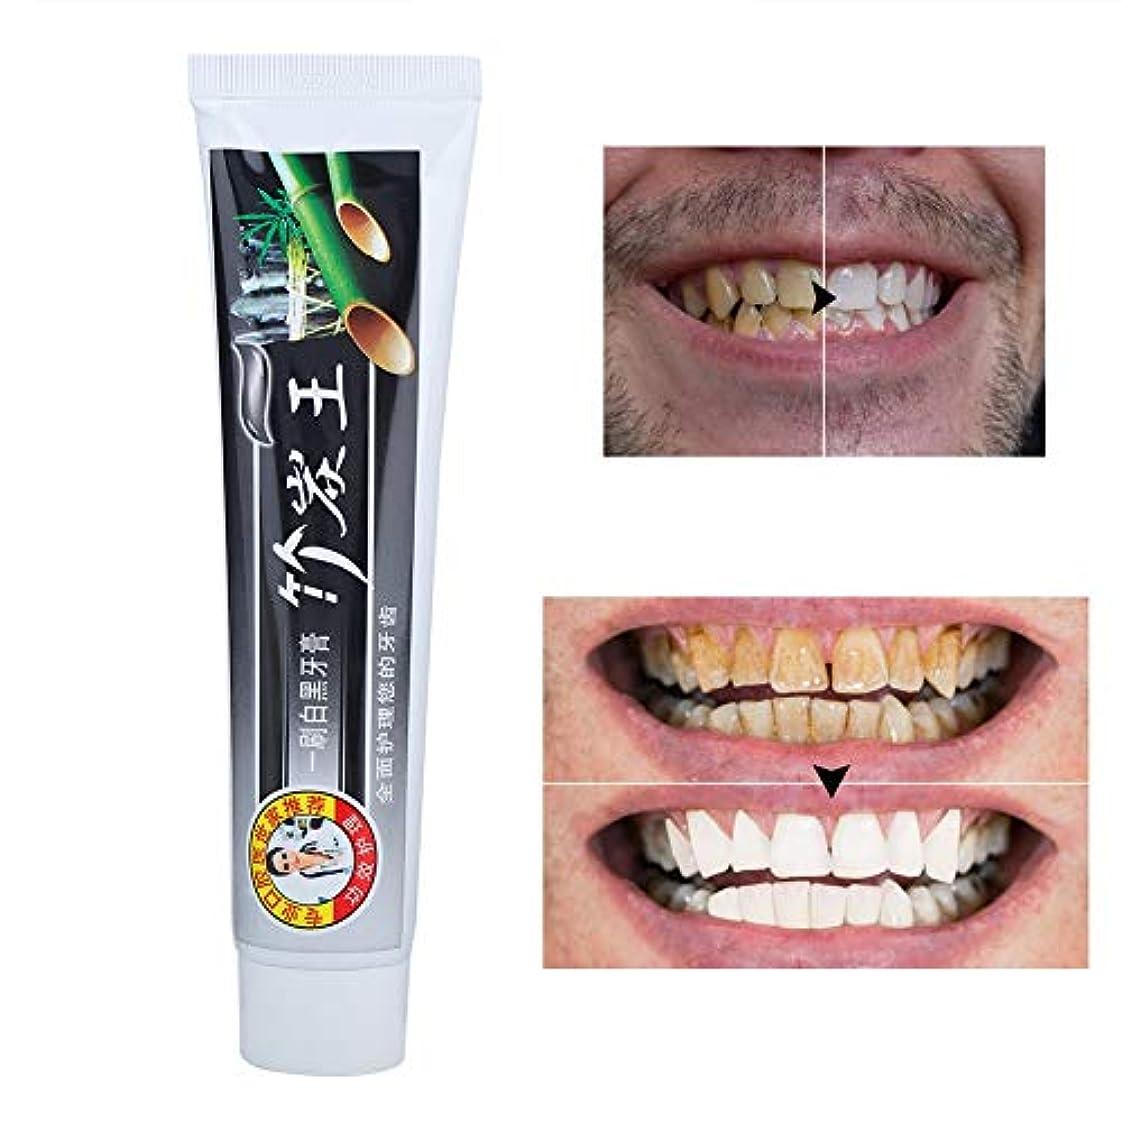 協力する教養があるうるさい汚れを白くする竹炭の抗口臭160gは、口腔ケアの歯磨き粉を取り除きます